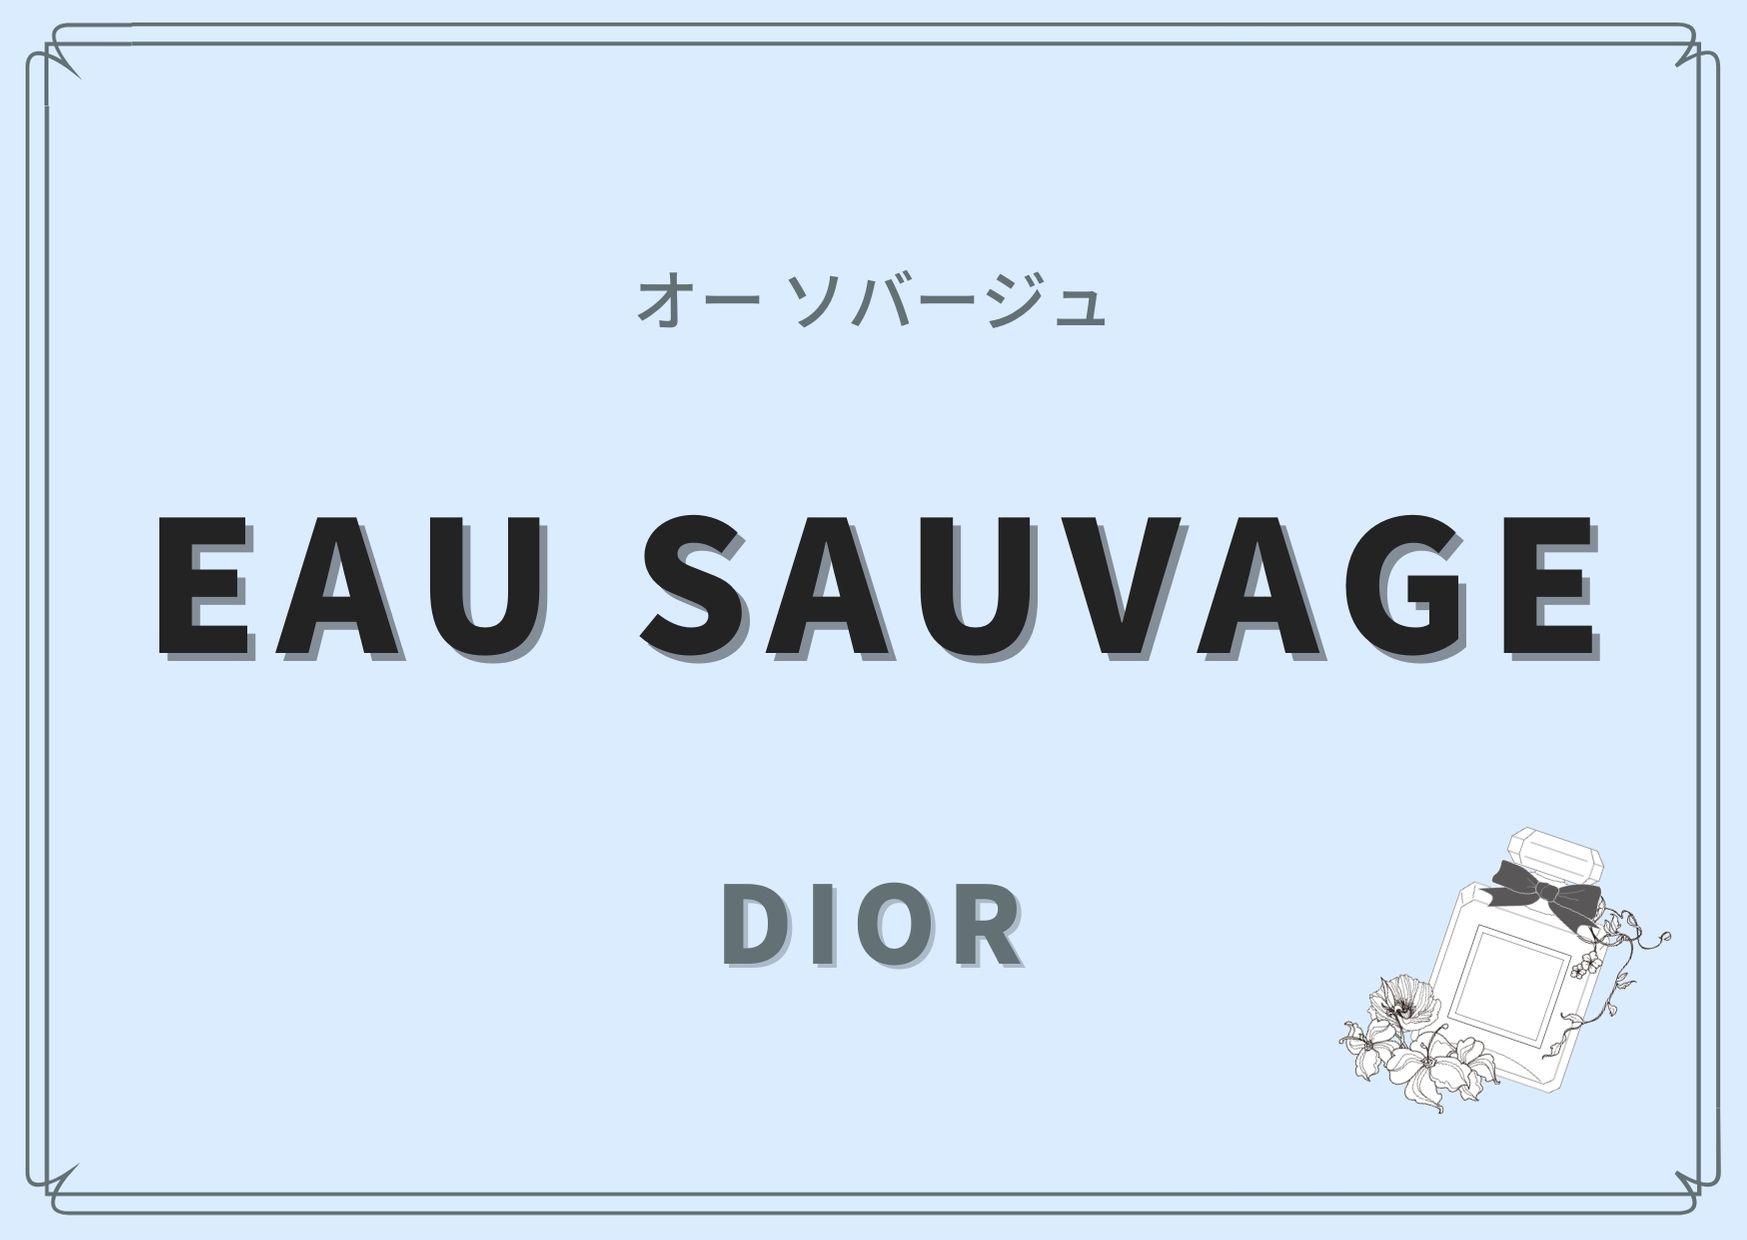 EAU SAUVAGE(オー ソバージュ)/DIOR(ディオール)